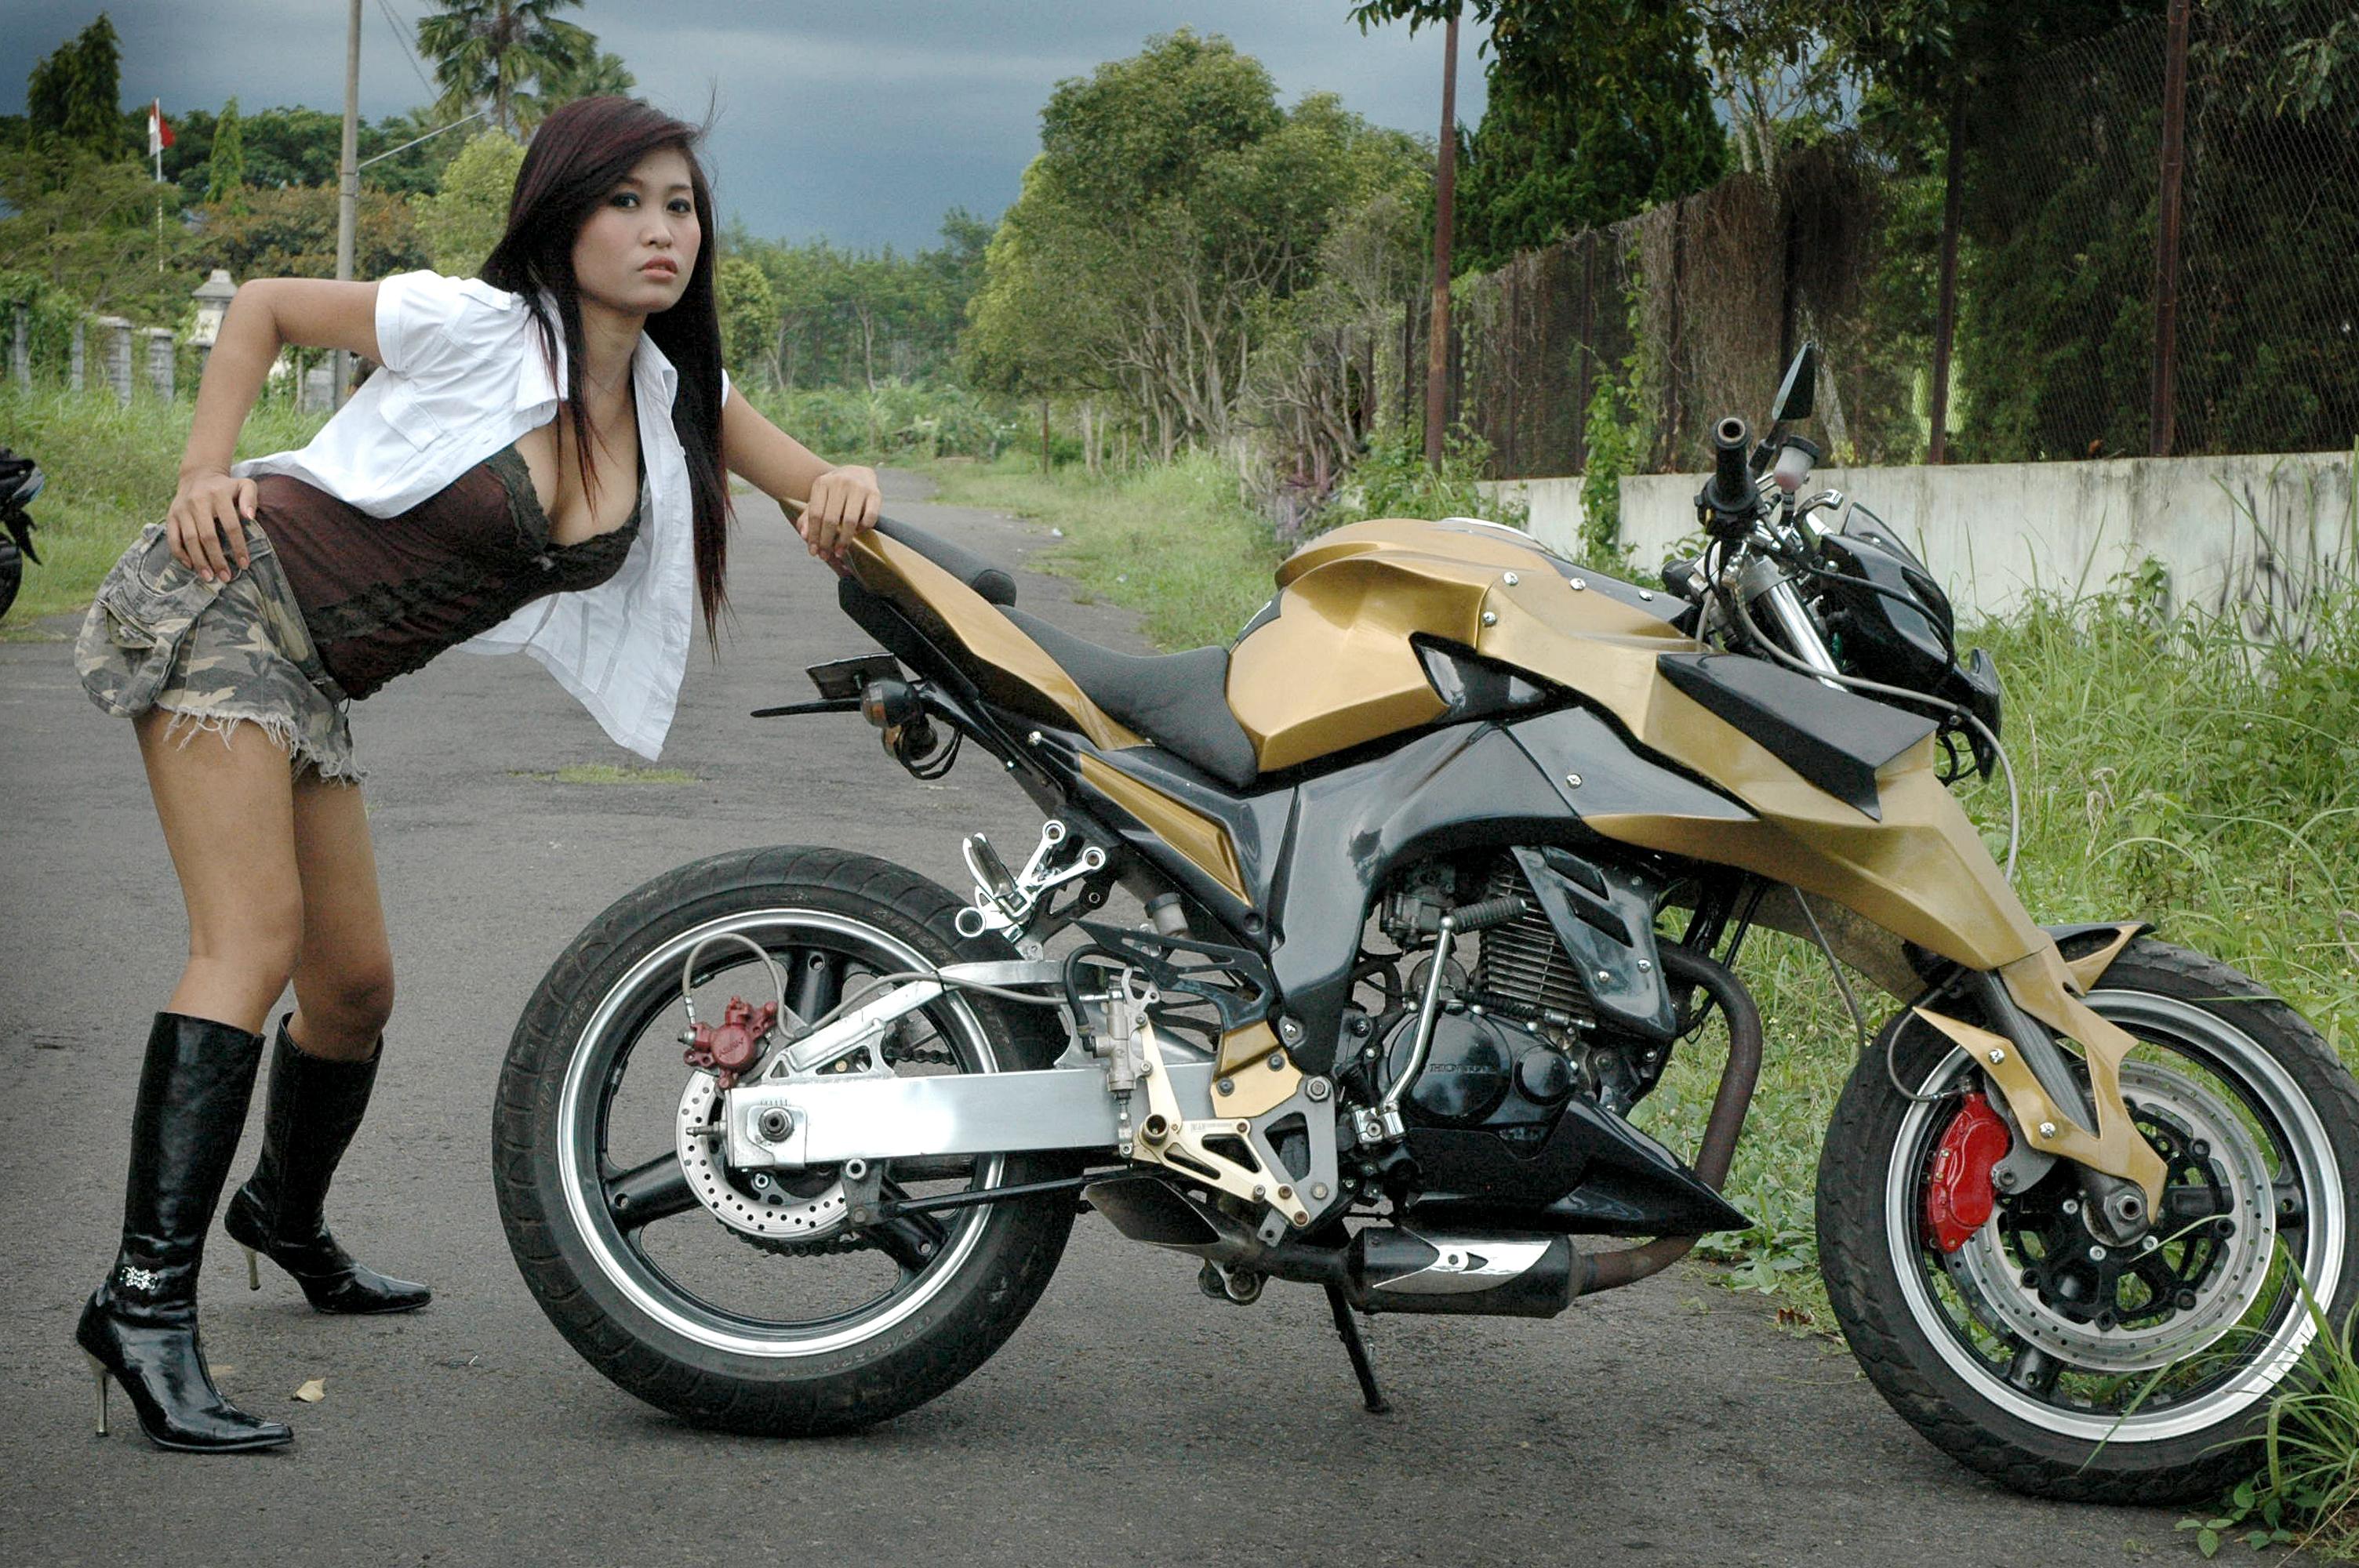 Modifikasi Motor Otomotif Beemotor